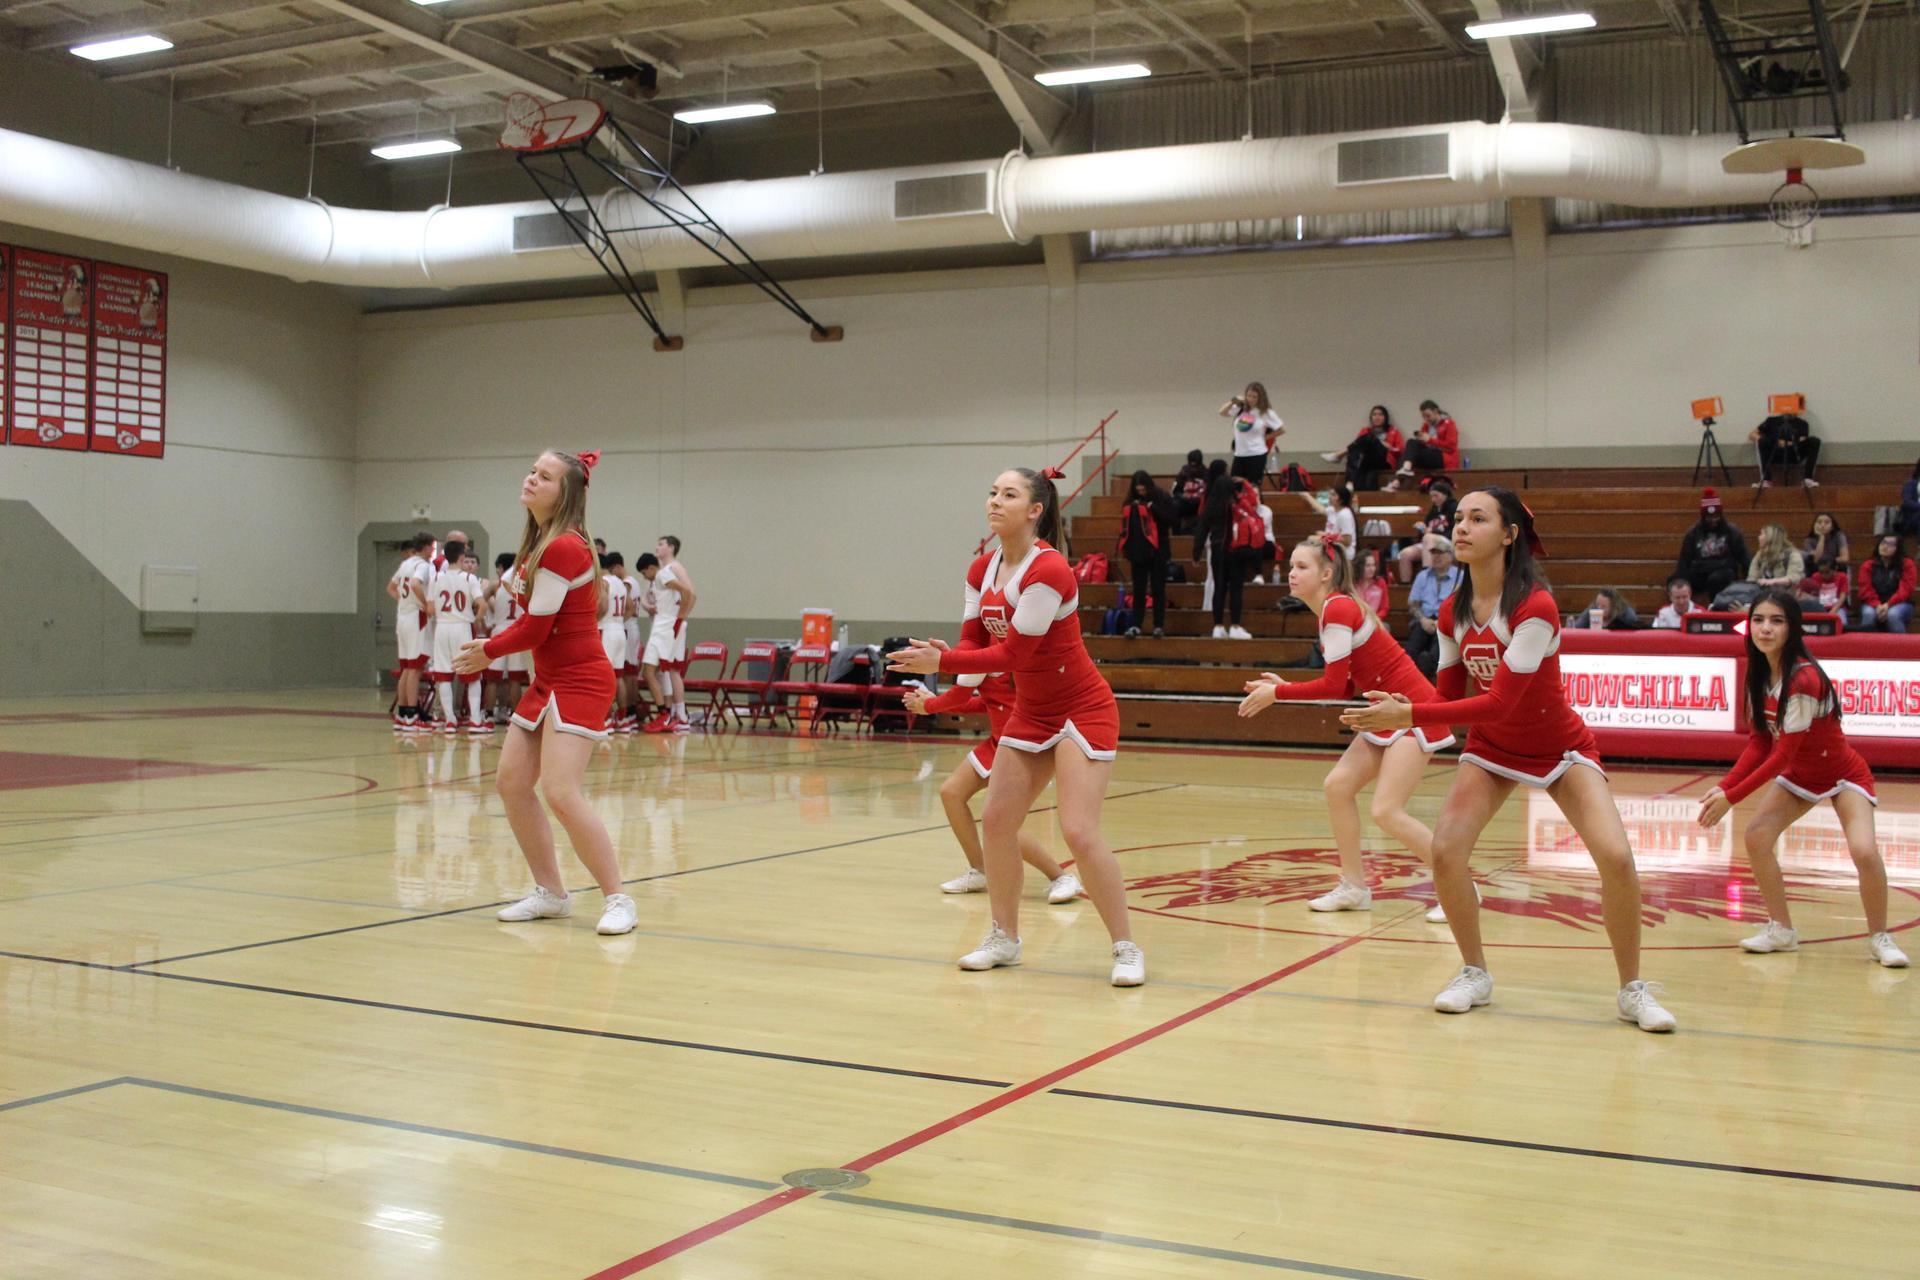 Cheerleaders performing